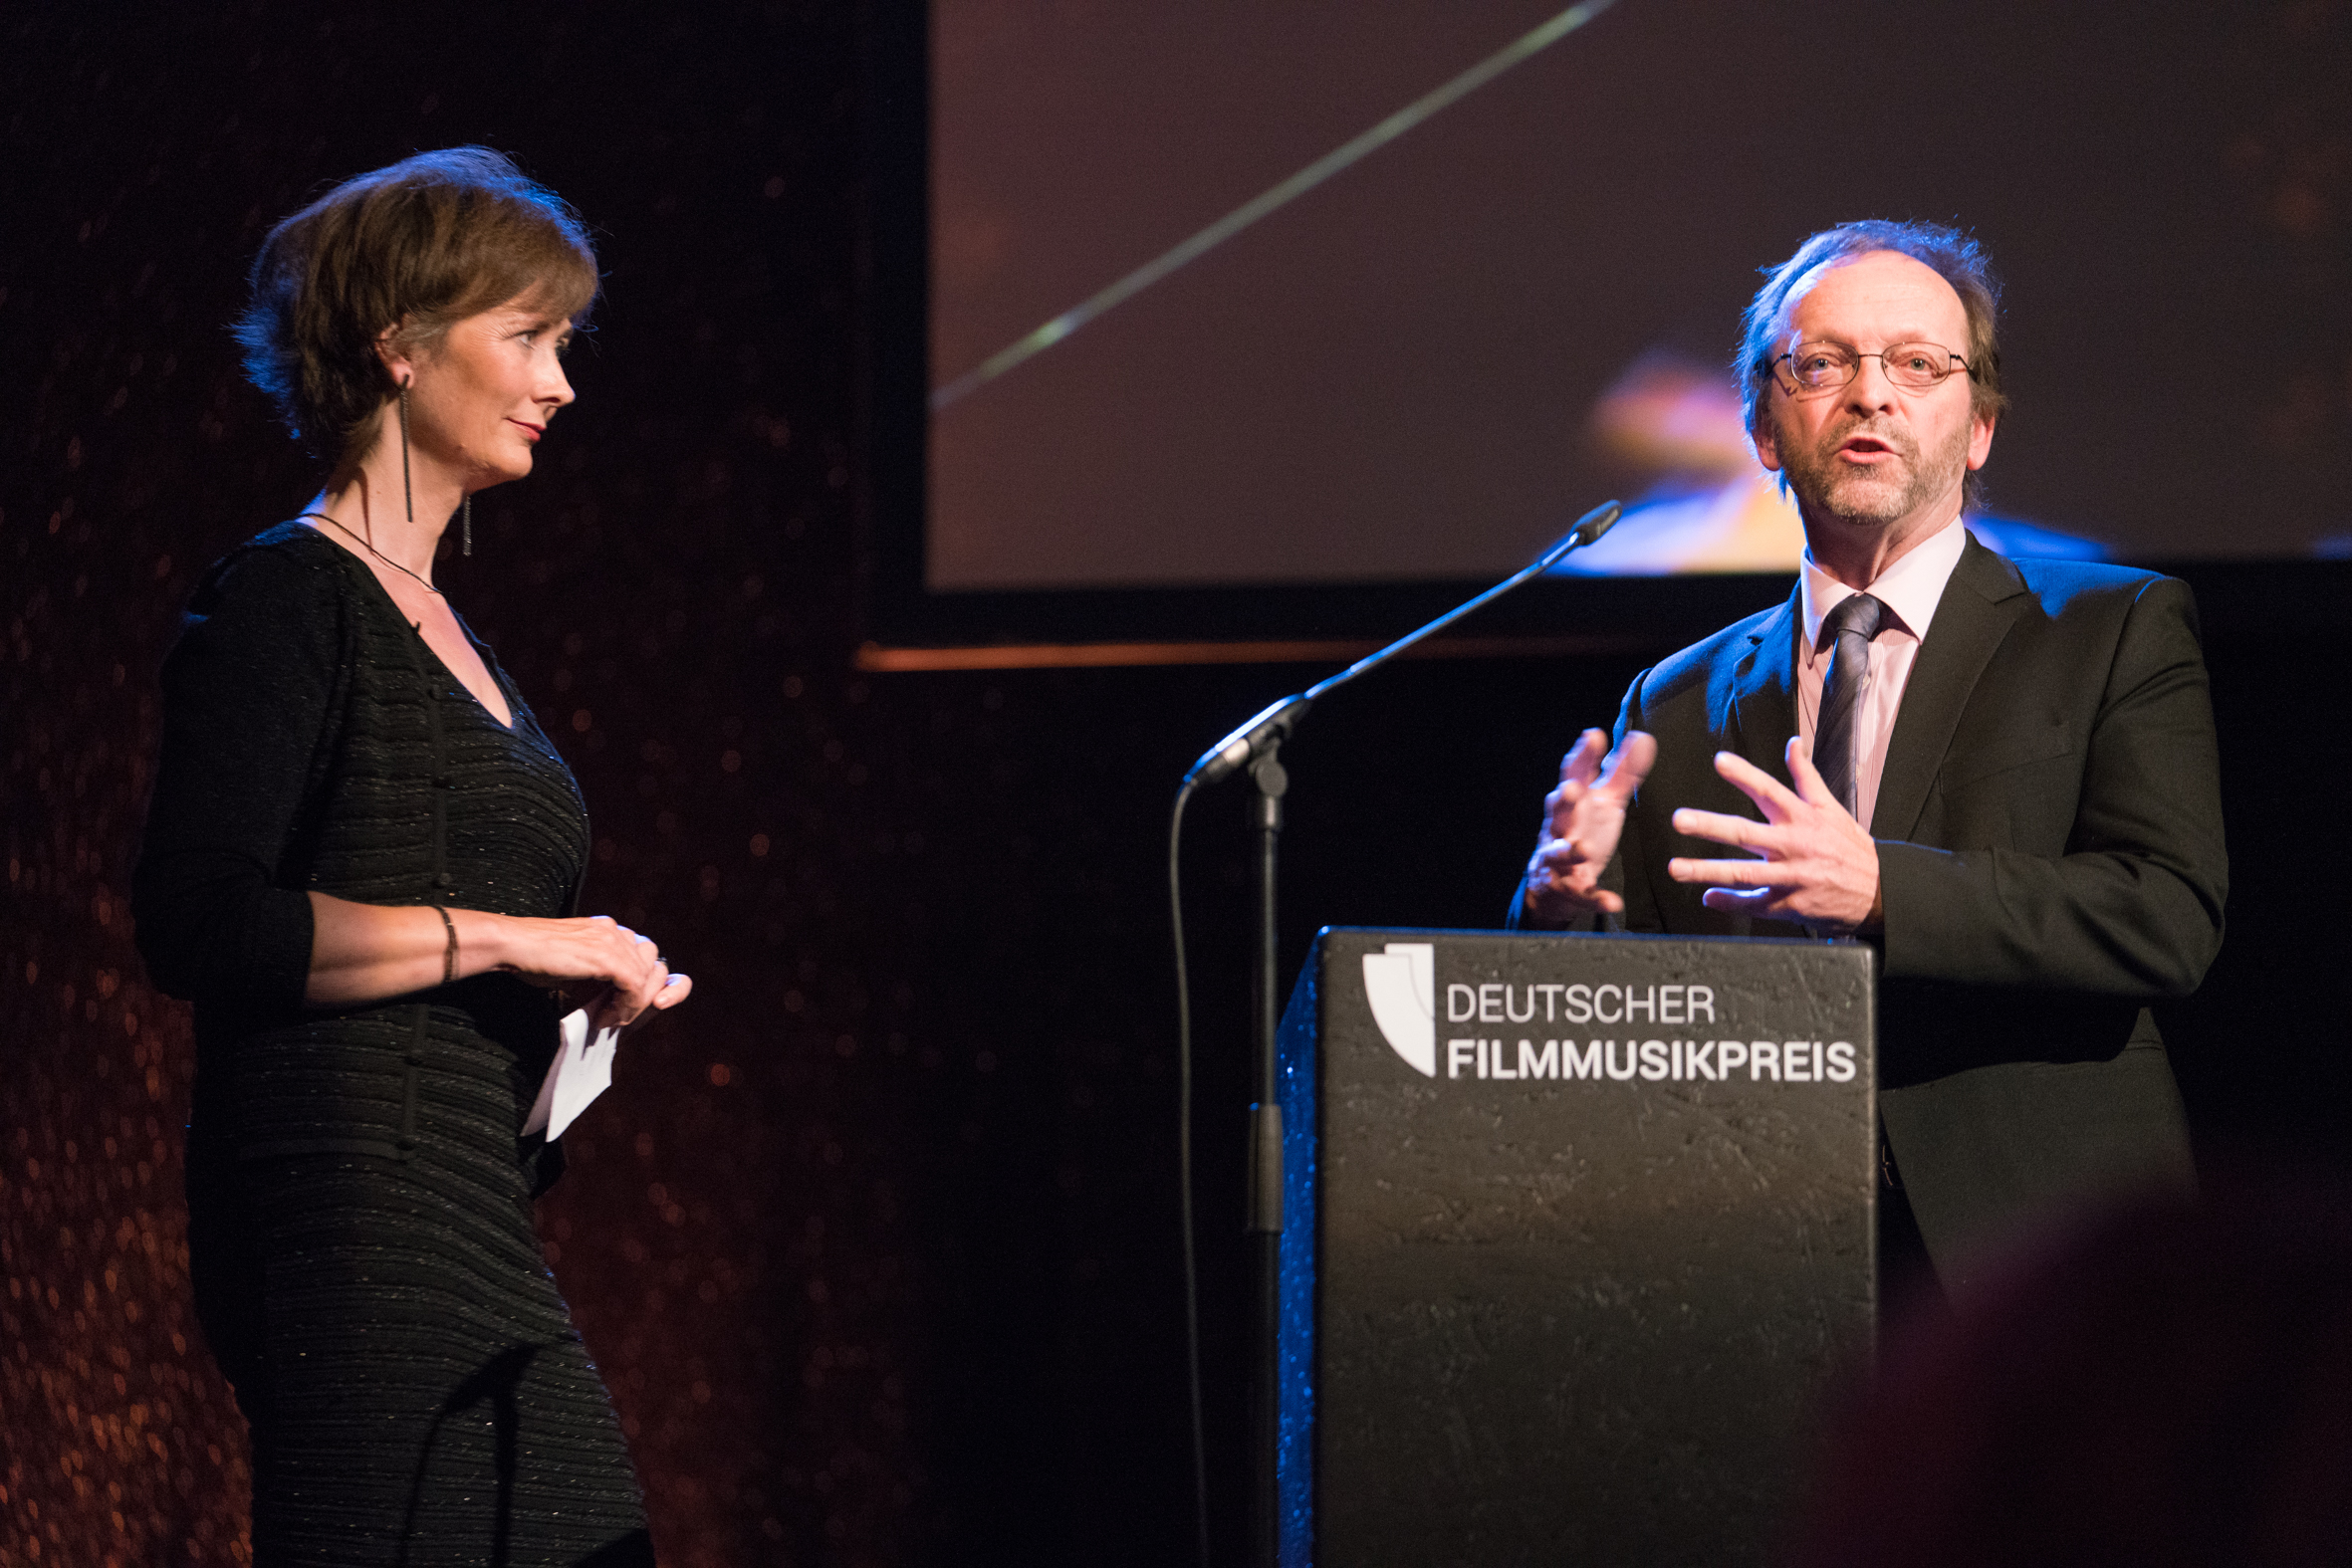 Christine Aufderhaar und Prof. Dr. Georg Maas – Laudatorin und Laudator BESTE MUSIK im FILM. Foto:  deutscherfilmmusikpreis.de , ©Joachim Blobel